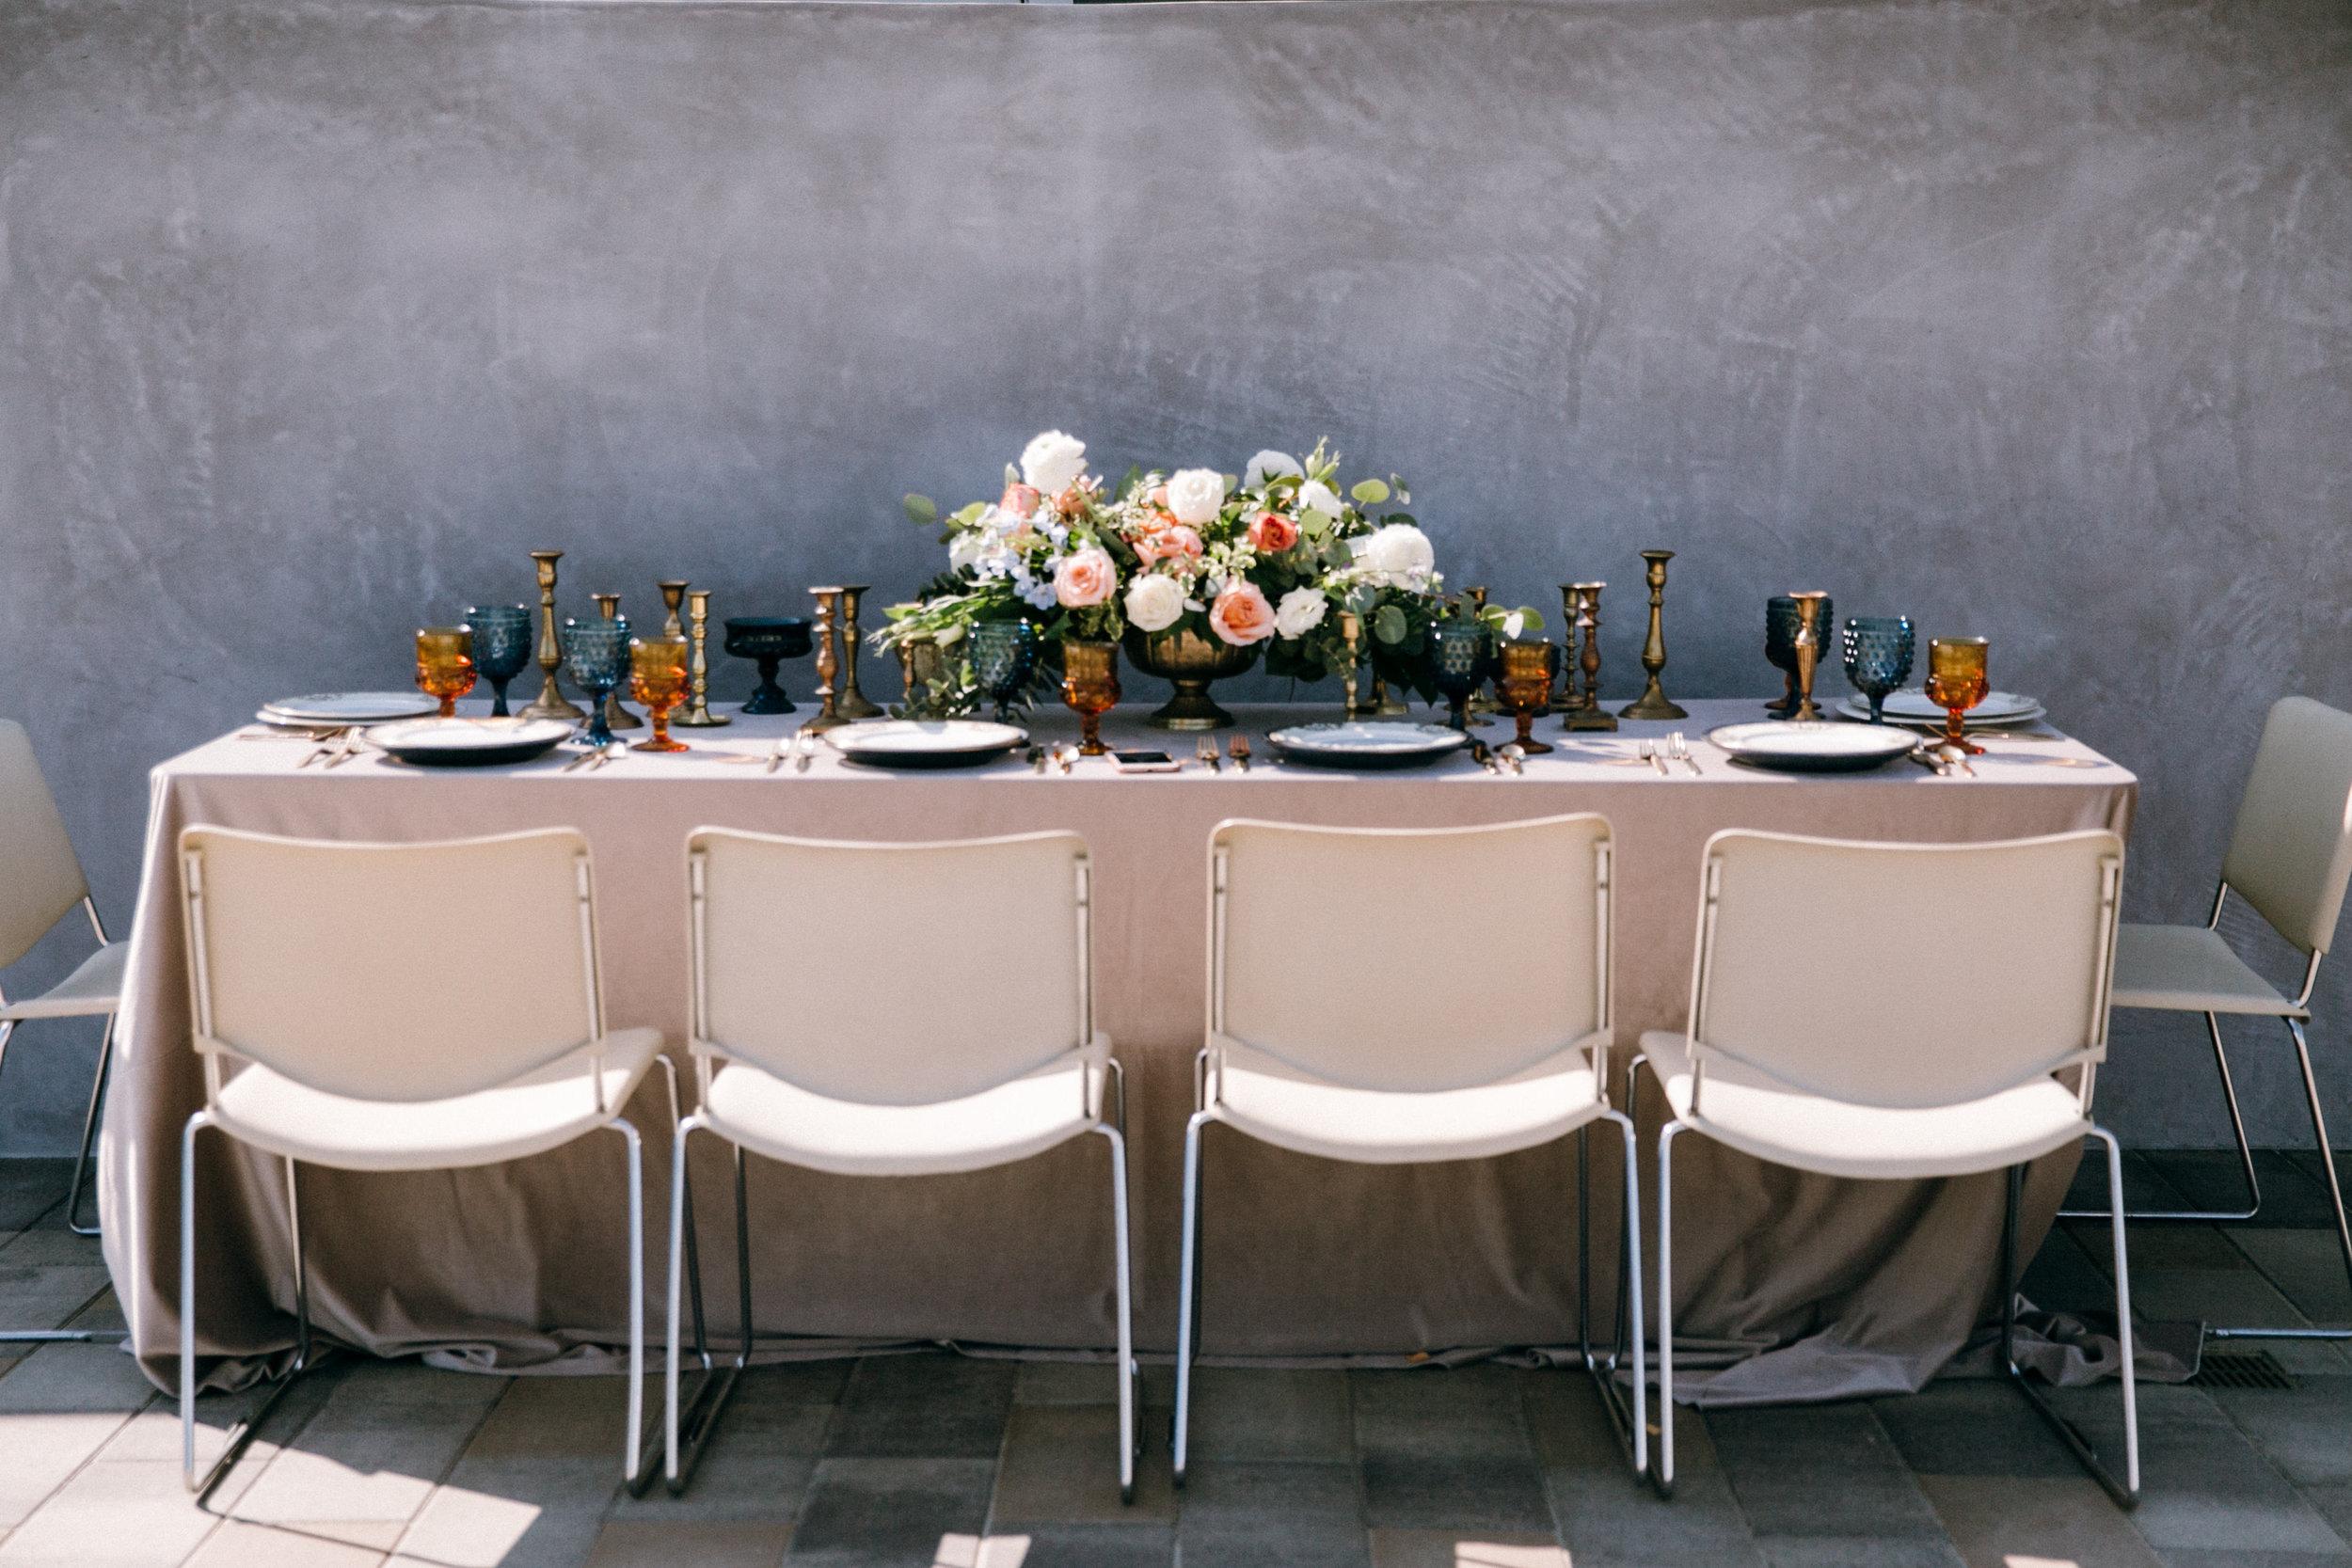 Huntington Beach wedding photographer, SoCal wedding photographer, Southern California wedding photographer, Huntington Bay Club wedding photographer, HB wedding photographer, Huntington Beach wedding